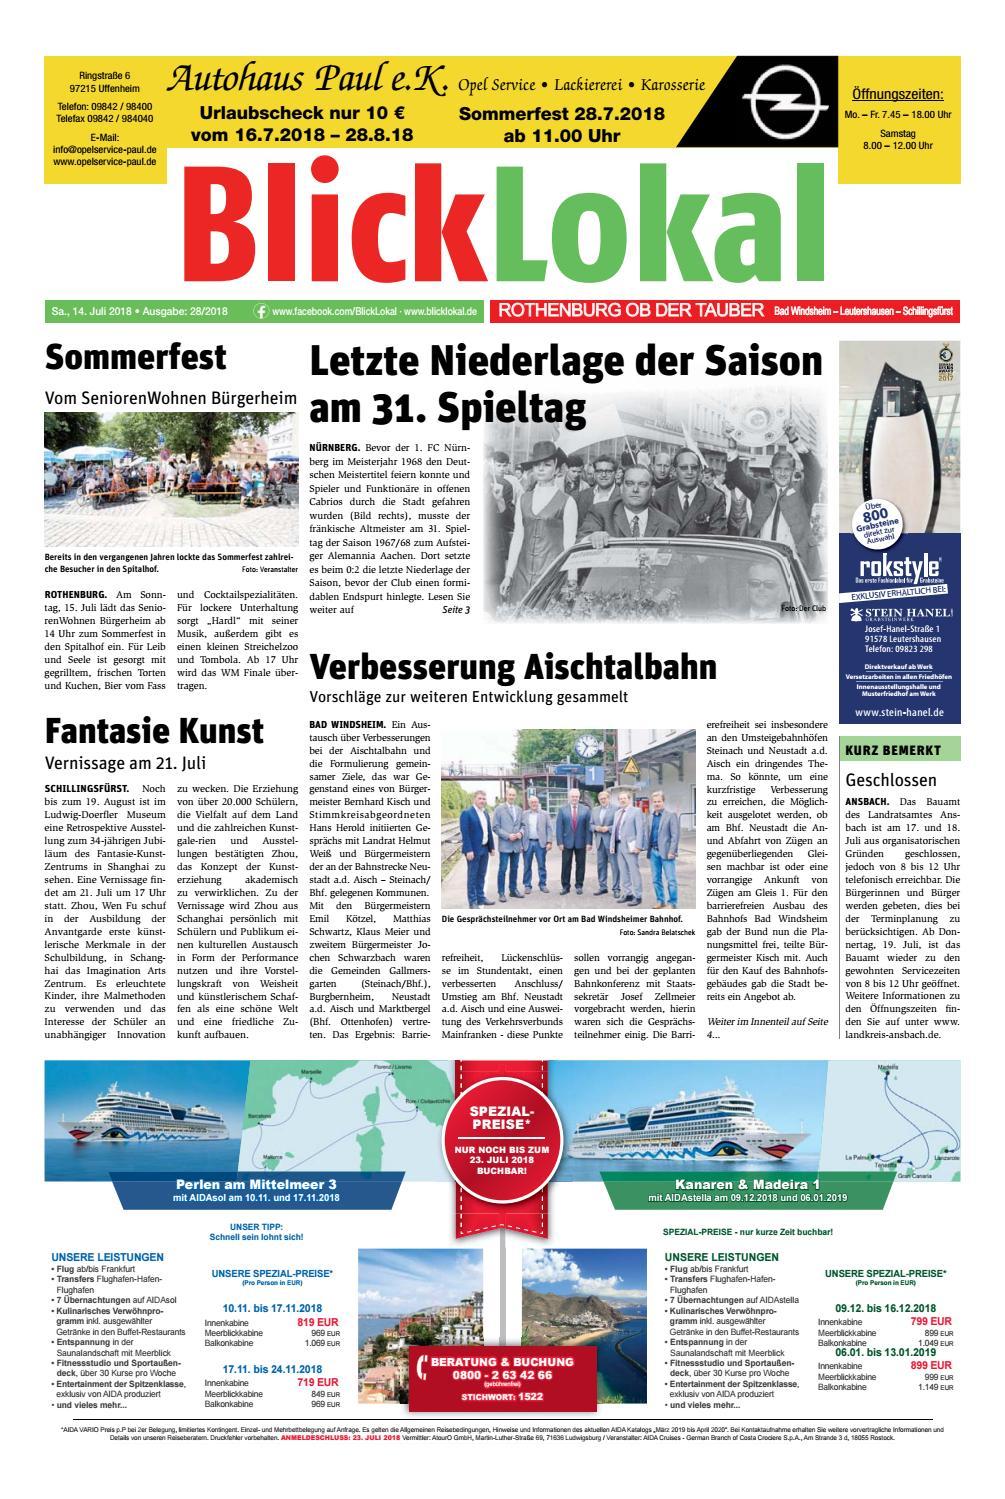 Blicklokal Rothenburg Kw 28 By Blicklokal Wochenzeitung - Issuu